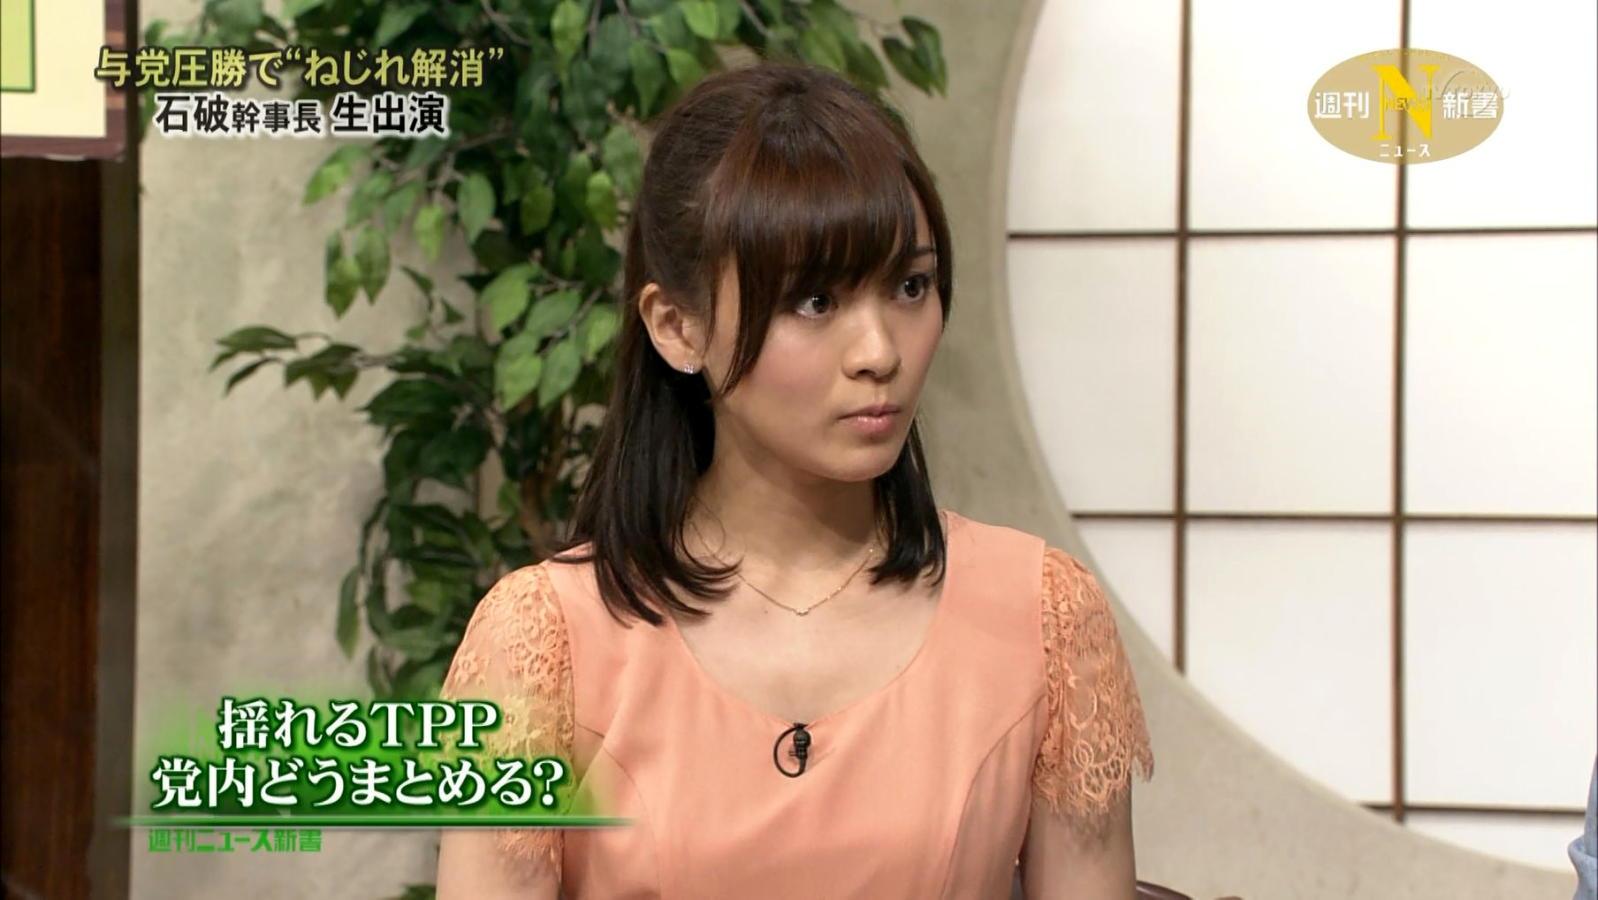 女子アナキャプでも貼っておく ~乙HiME~